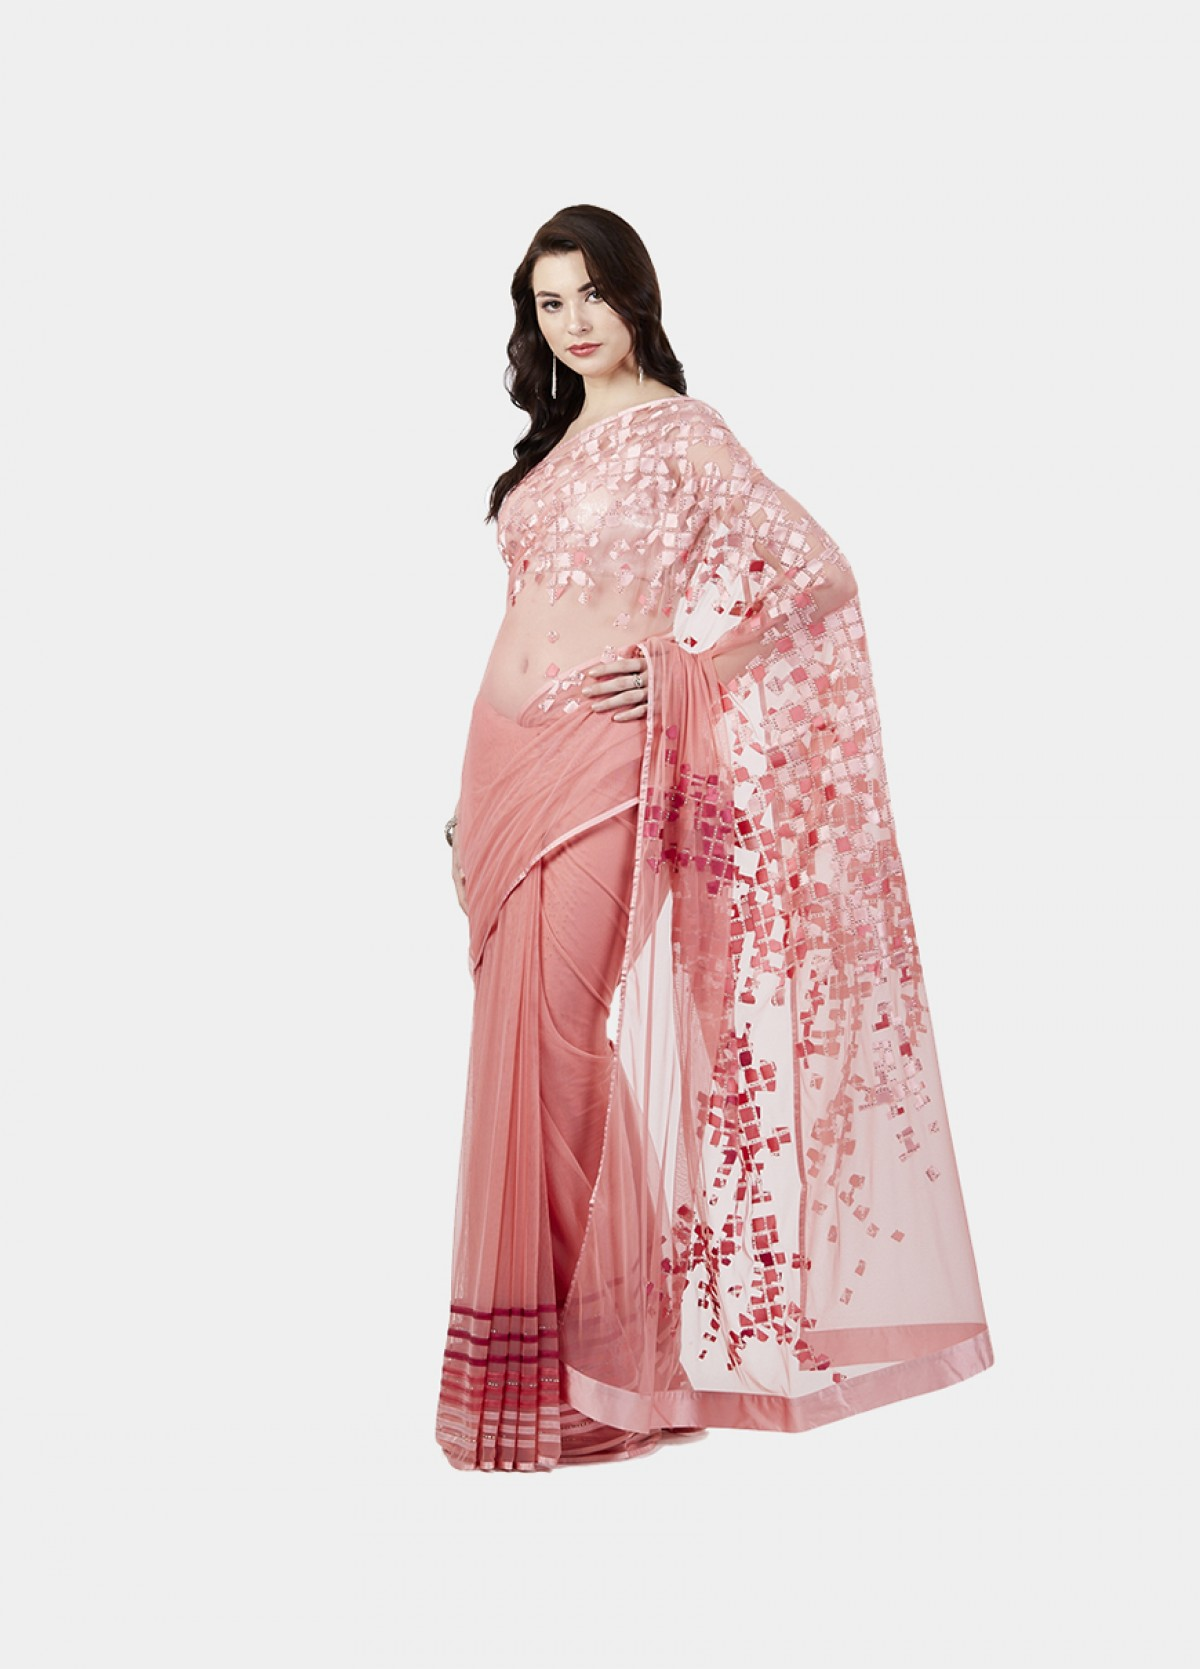 The Maze Ombre Sari